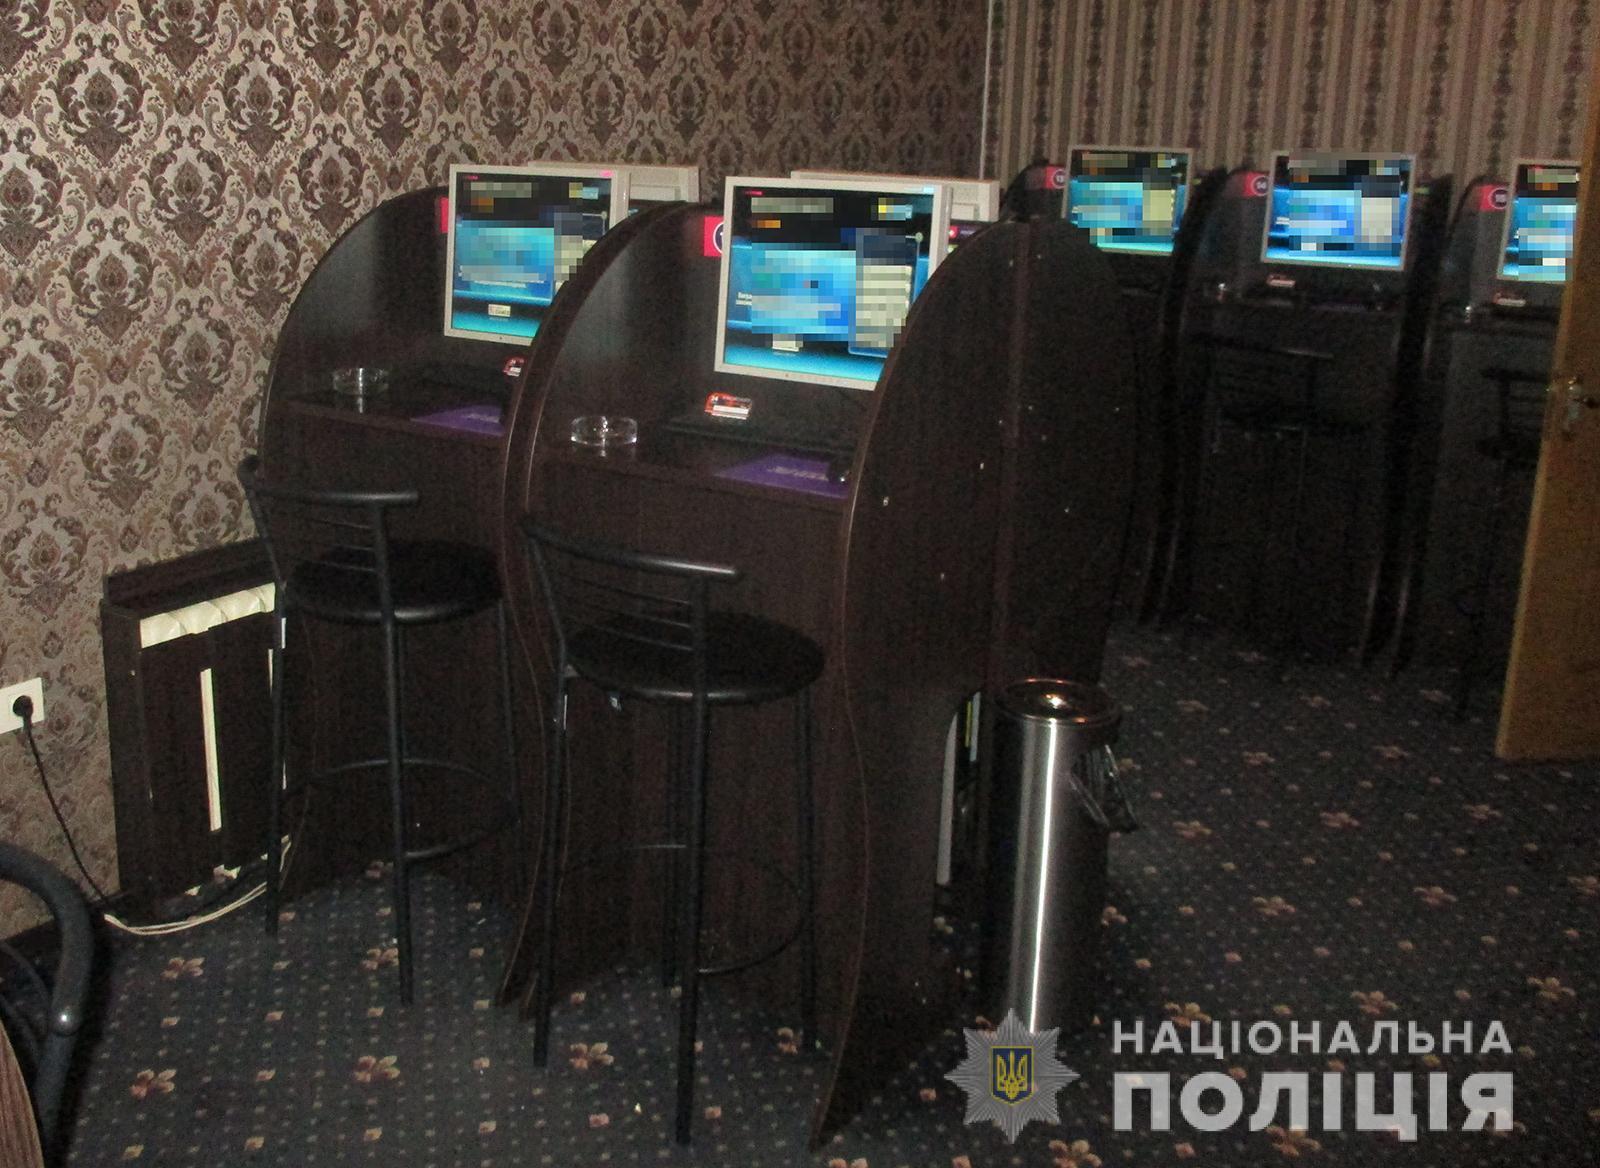 Игровые автоматы вулкан играть бесплатно без регистрации и смс